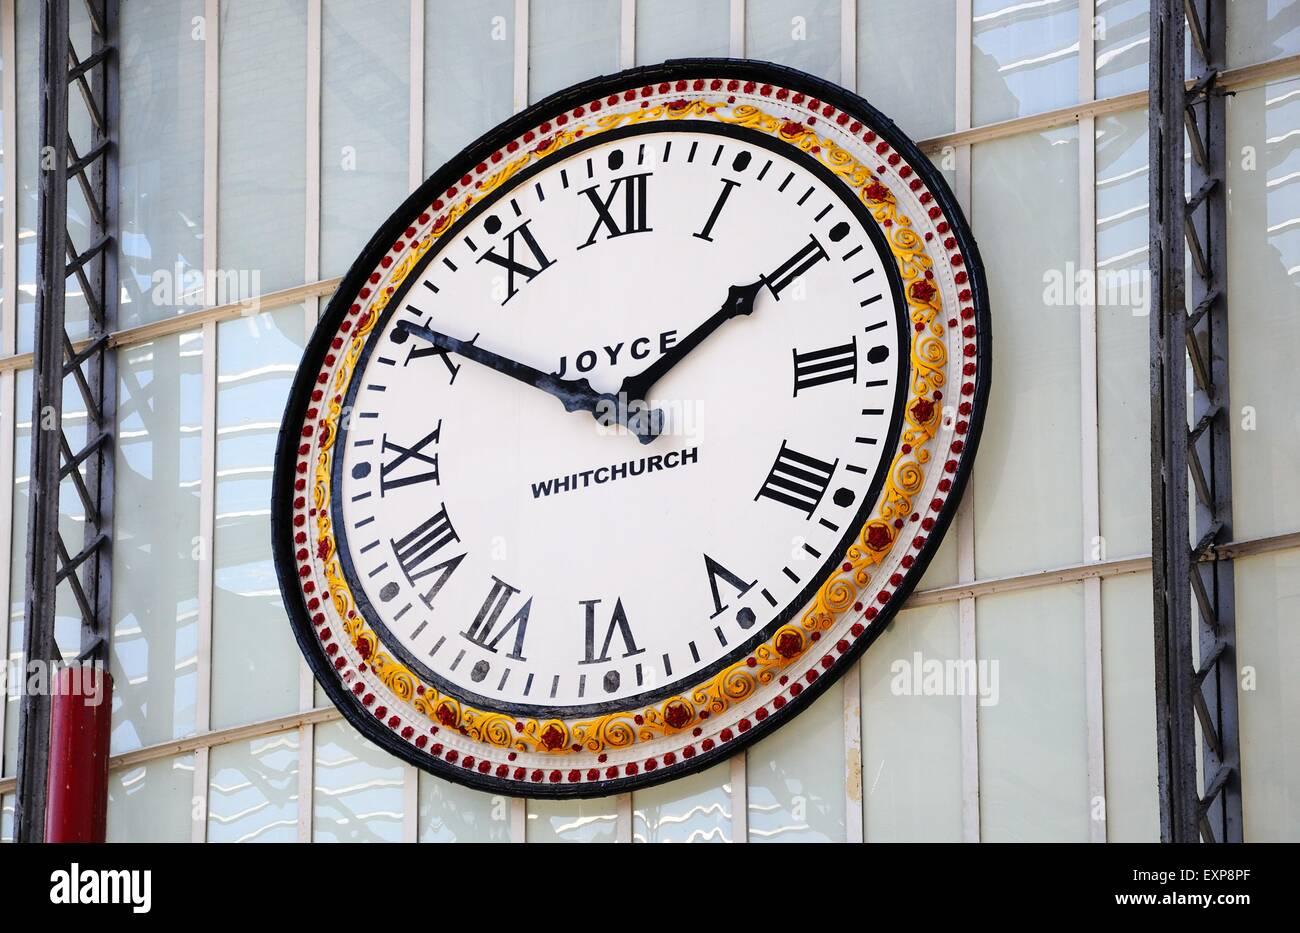 Wall clock by j b joyce co in lime street railway station stock stock photo wall clock by j b joyce co in lime street railway station liverpool merseyside england uk western europe amipublicfo Gallery